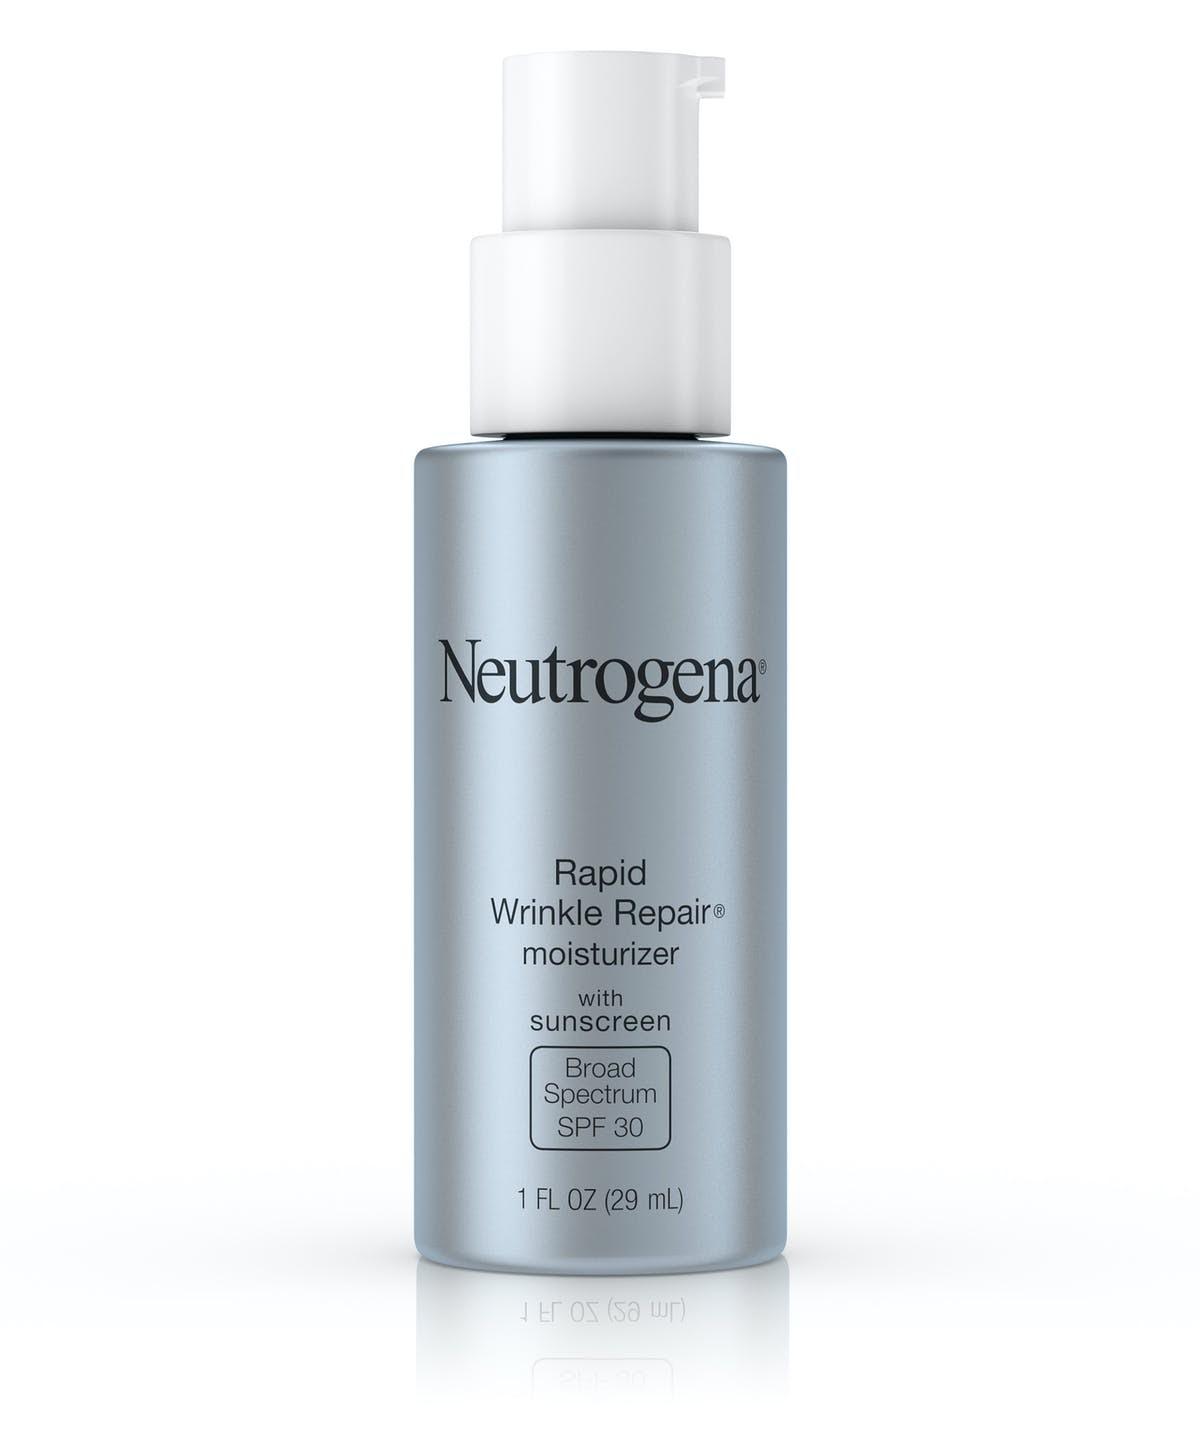 A silver pump bottle of Neutrogena Rapid Wrinkle Repair.